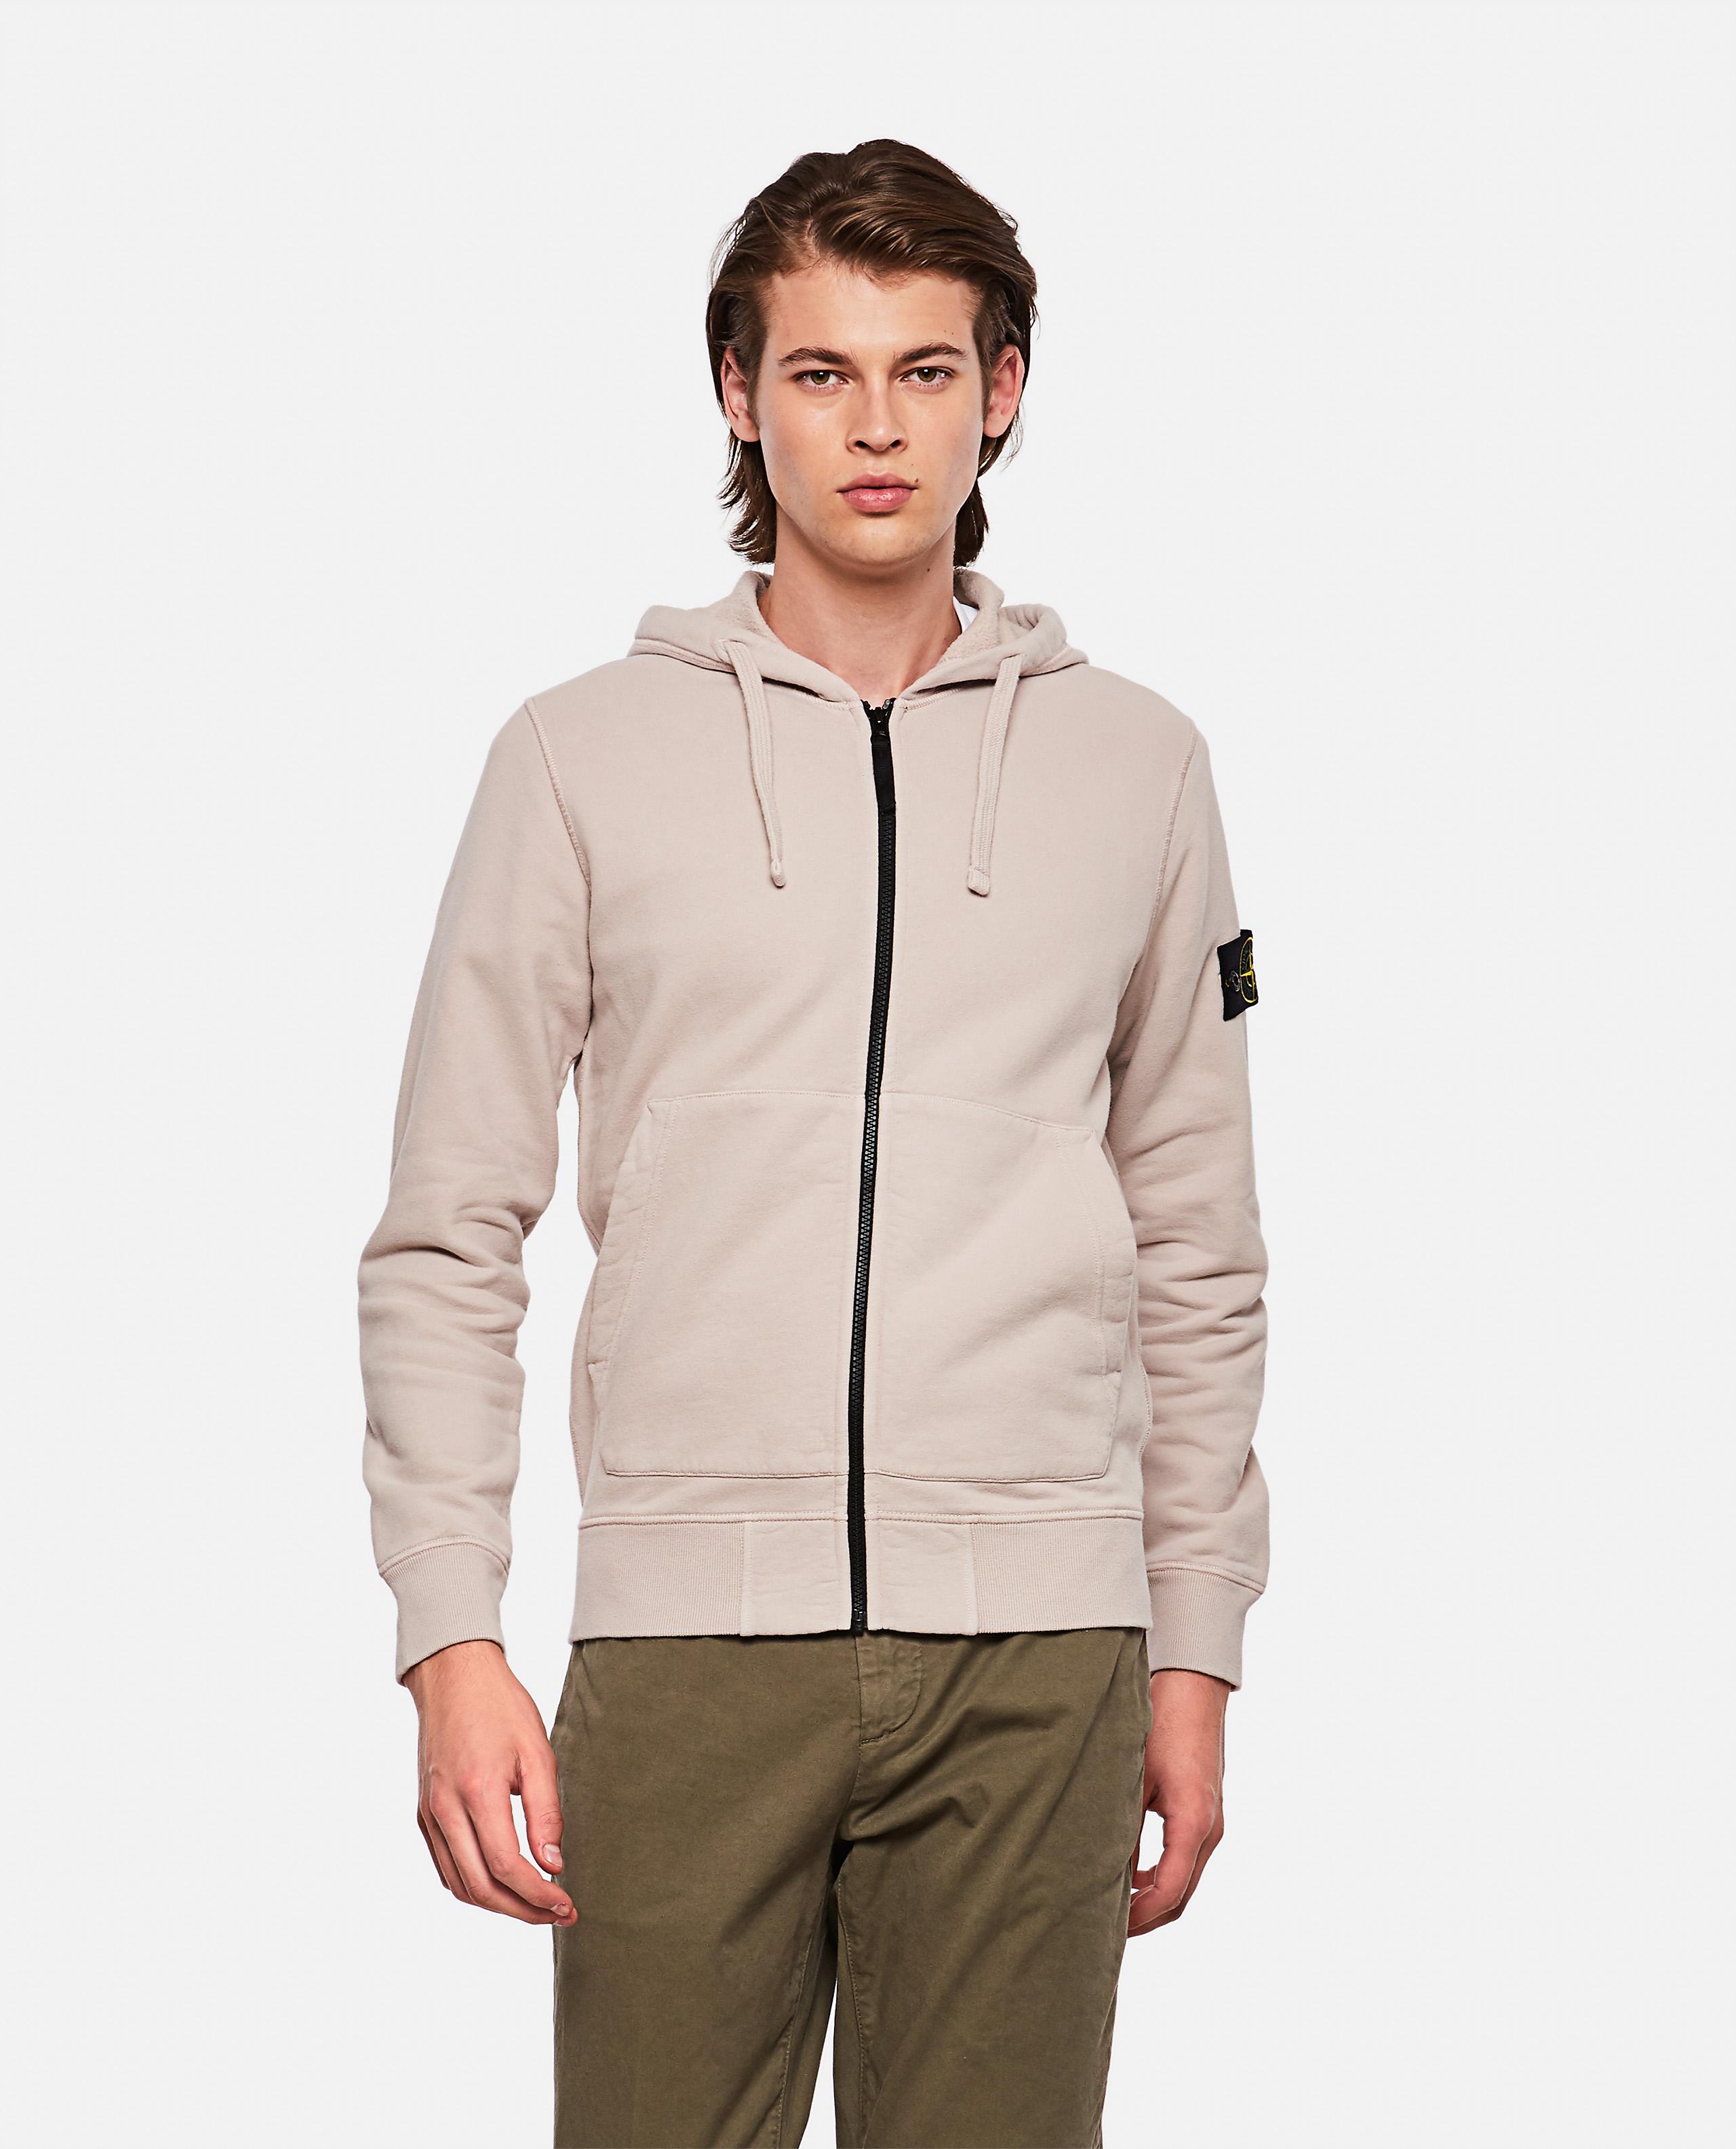 Sweatshirt with zip and hood